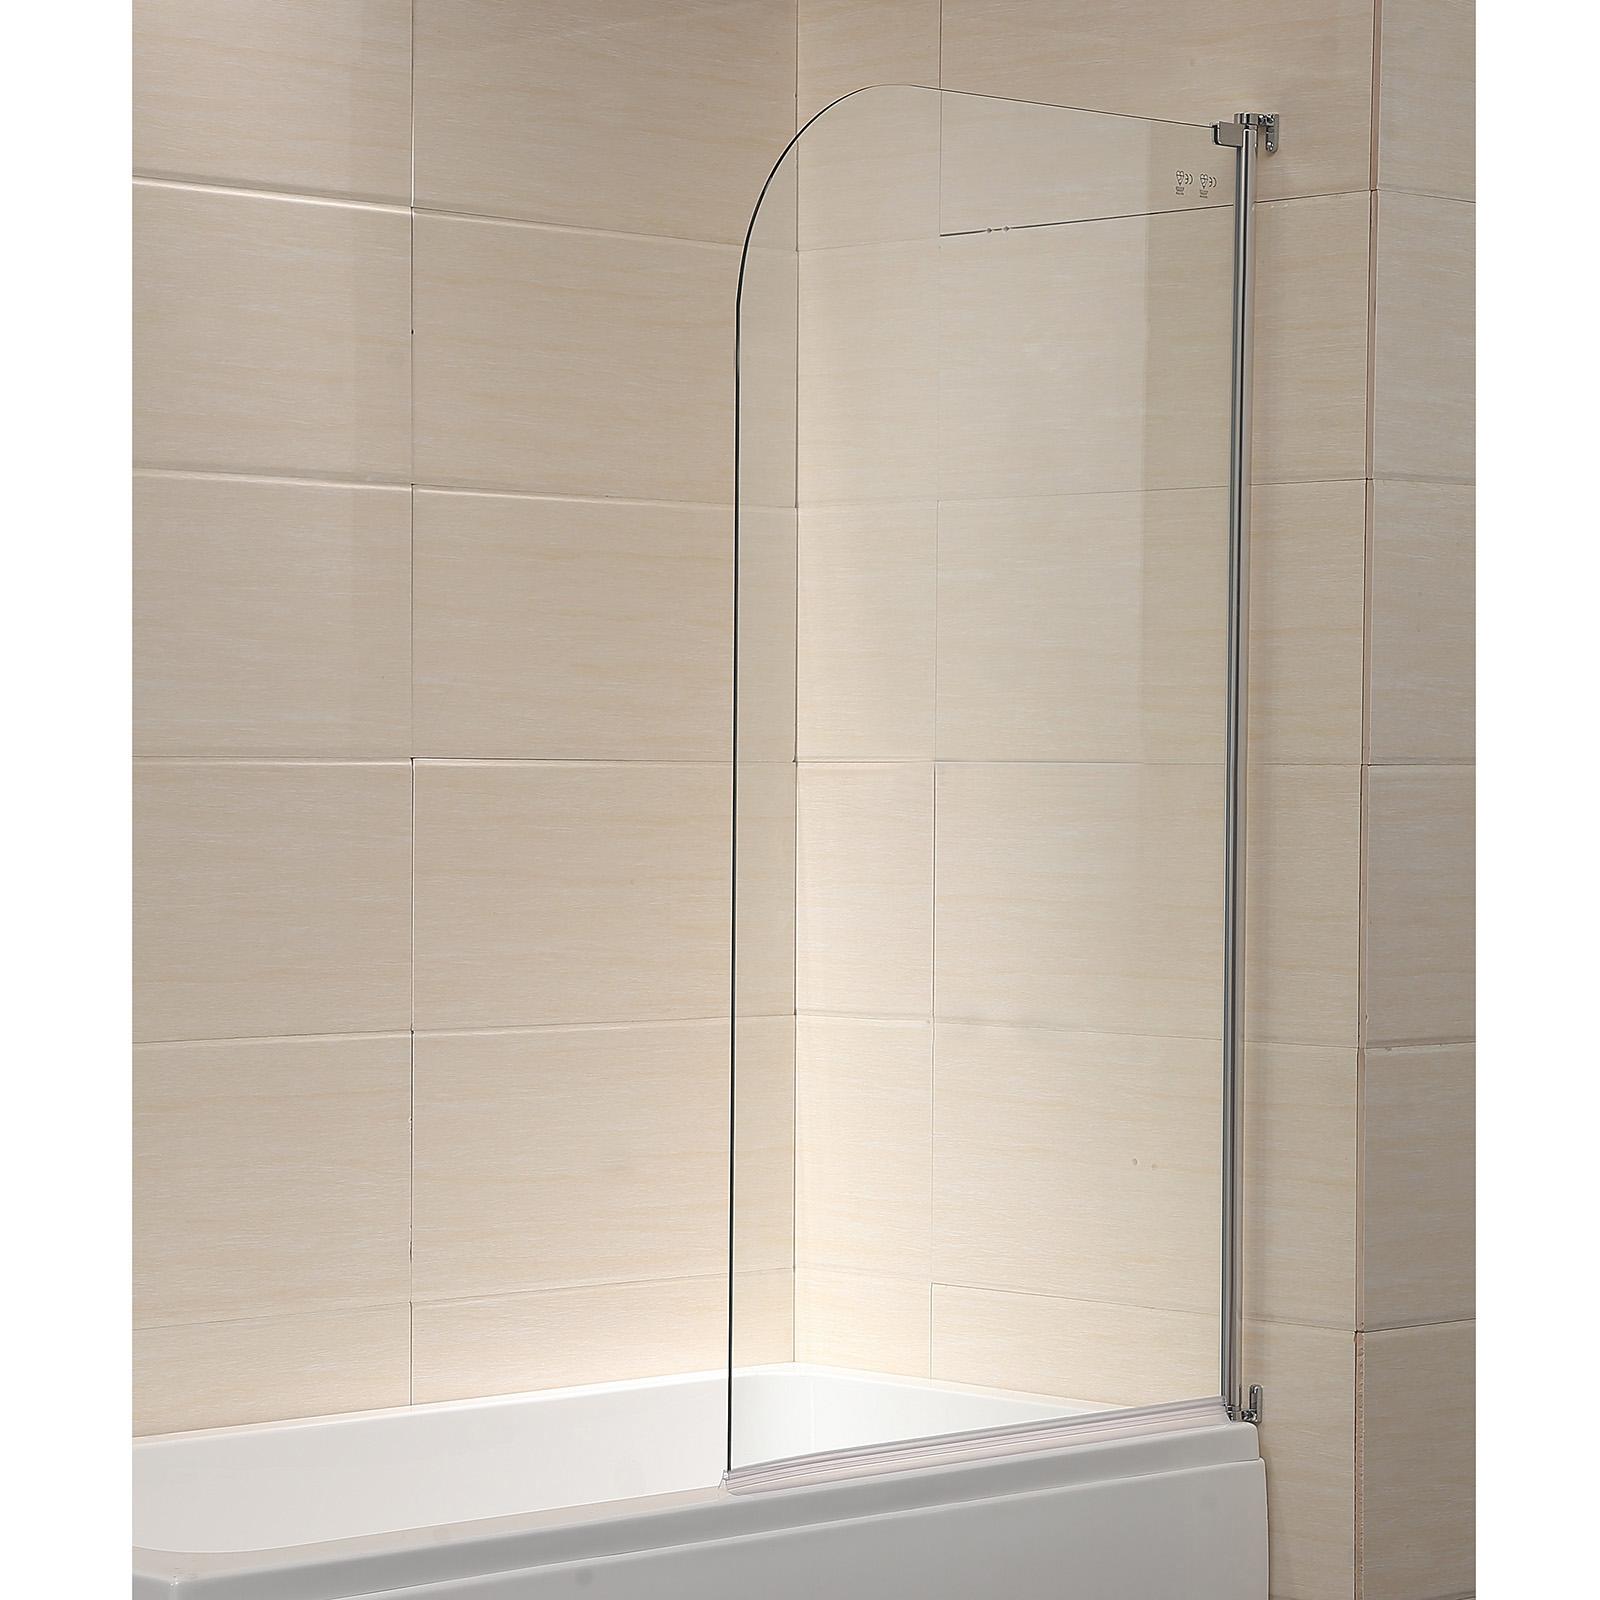 Details About Modern 55 X31 Glass Shower Door 1 4 Clear Glass Pivot Radius Frameless Chrome